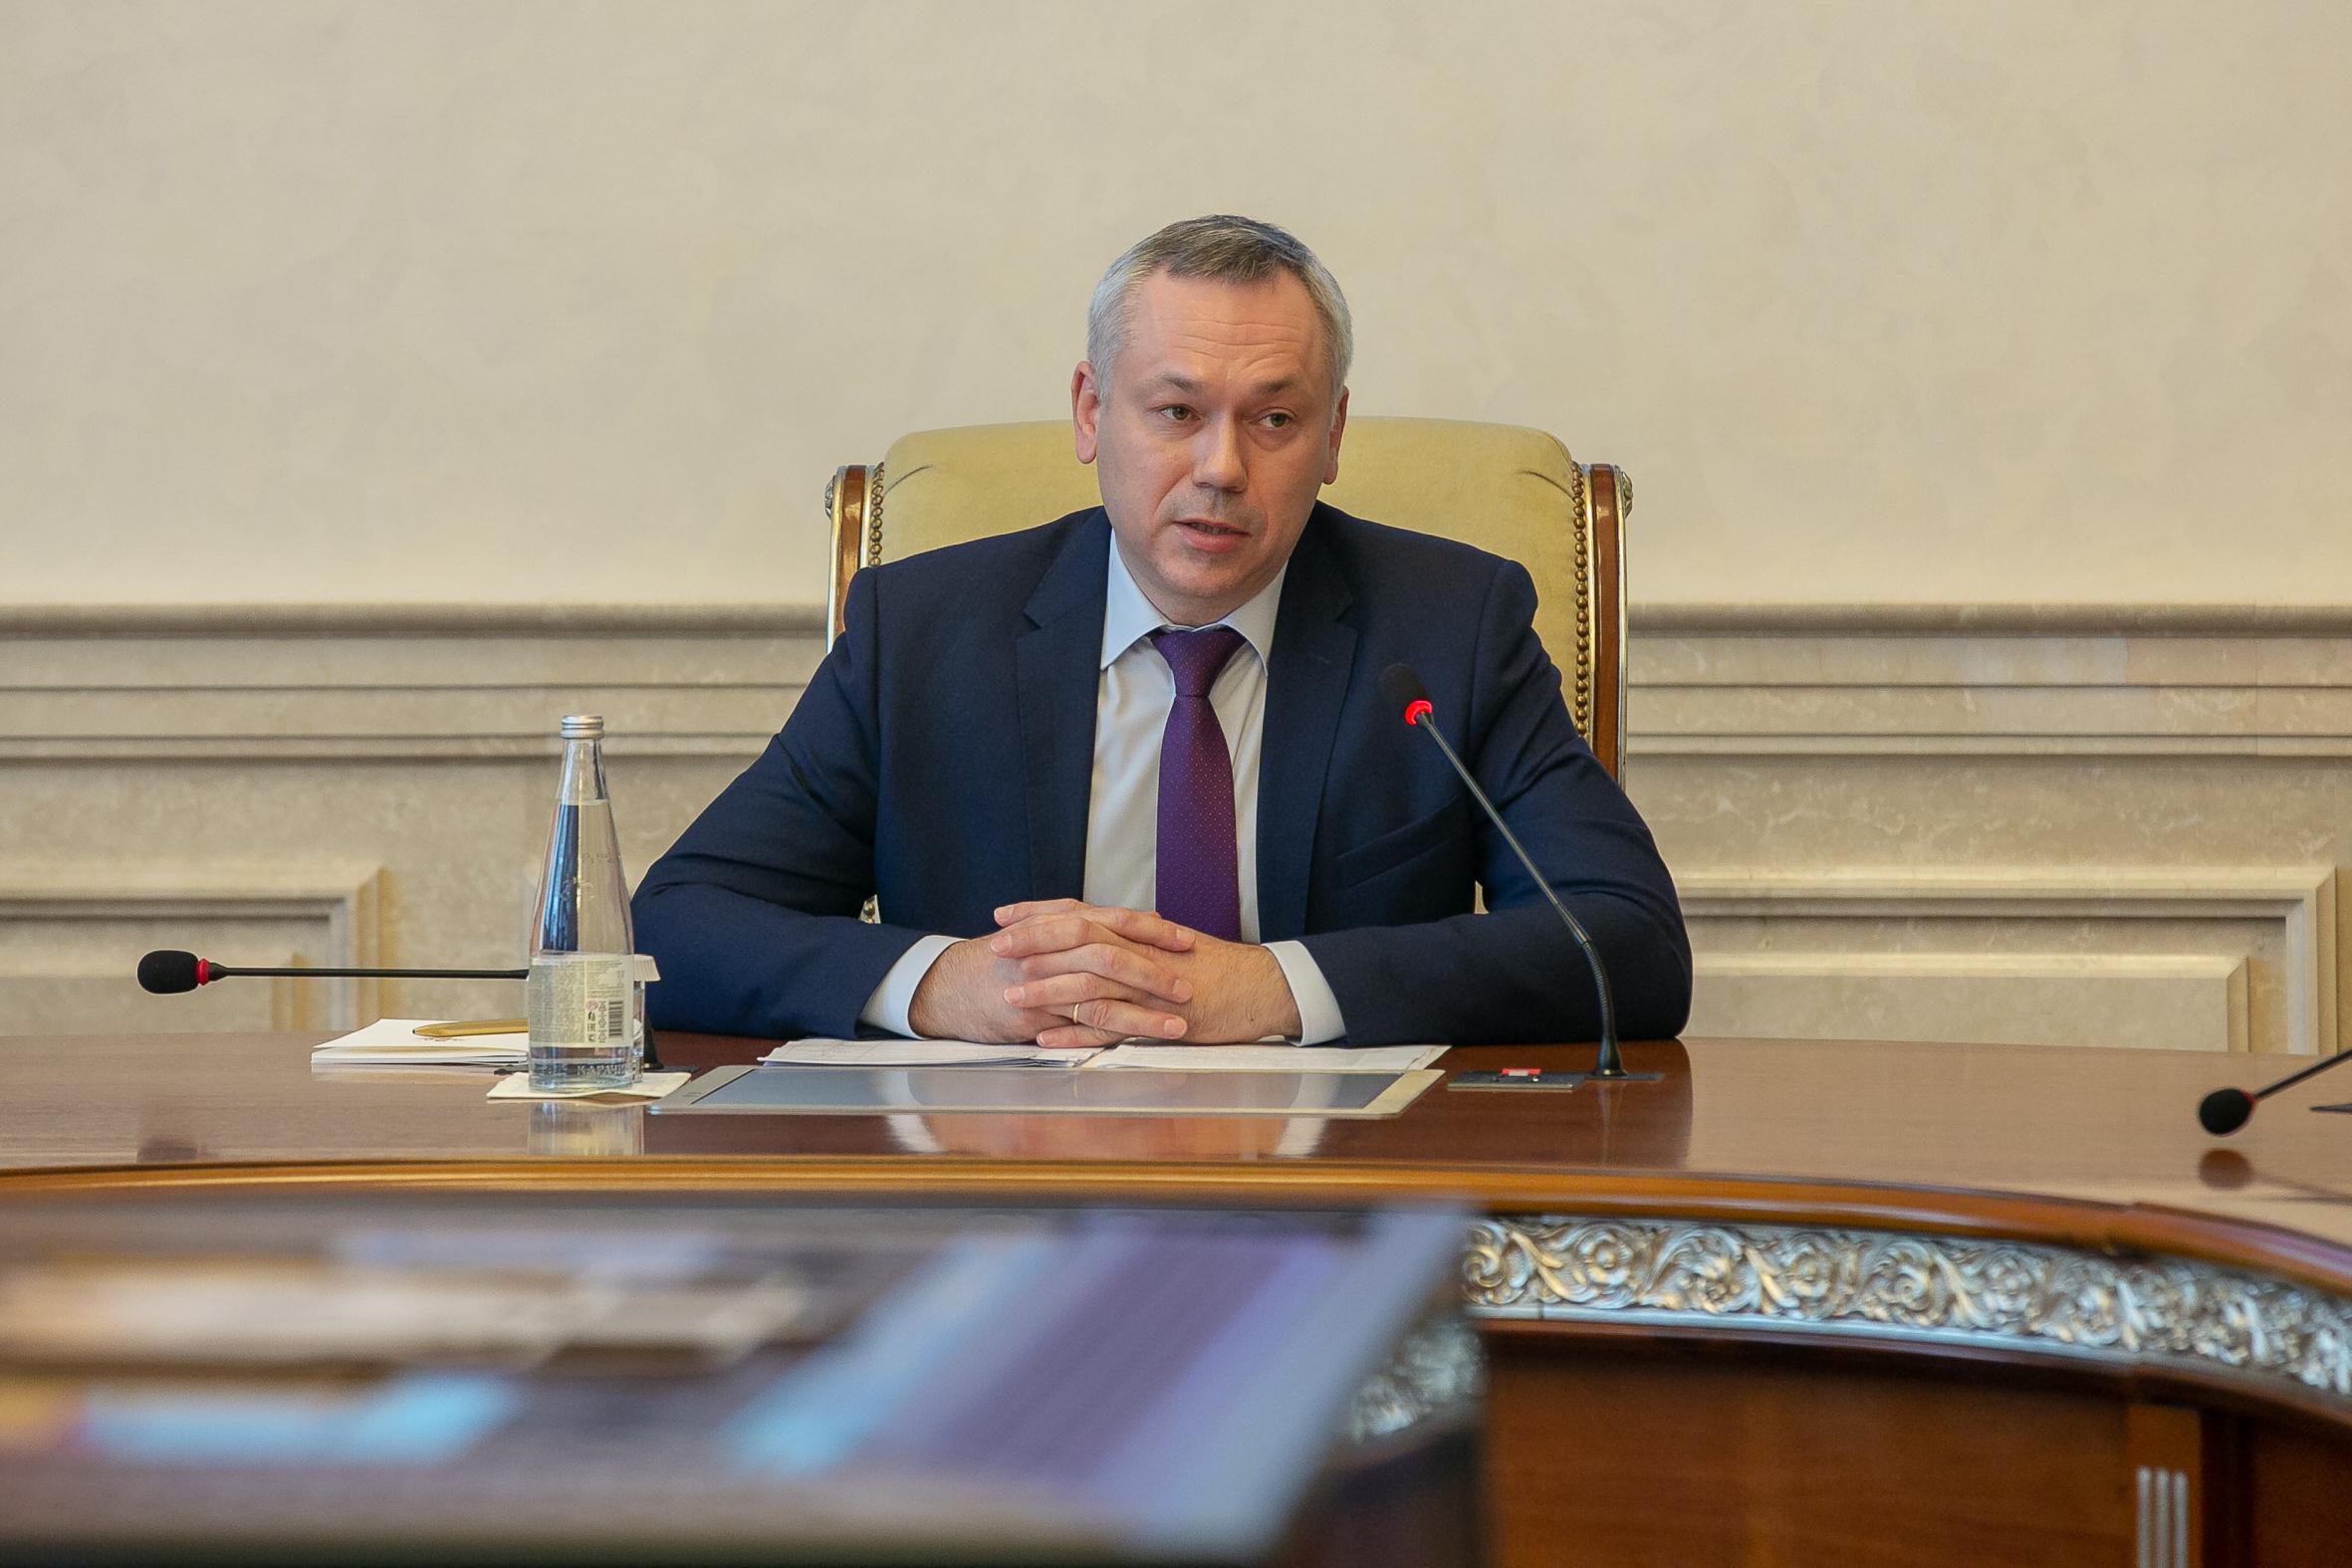 Новосибирский губернатор поддержал возможность многодневного голосования в регионе